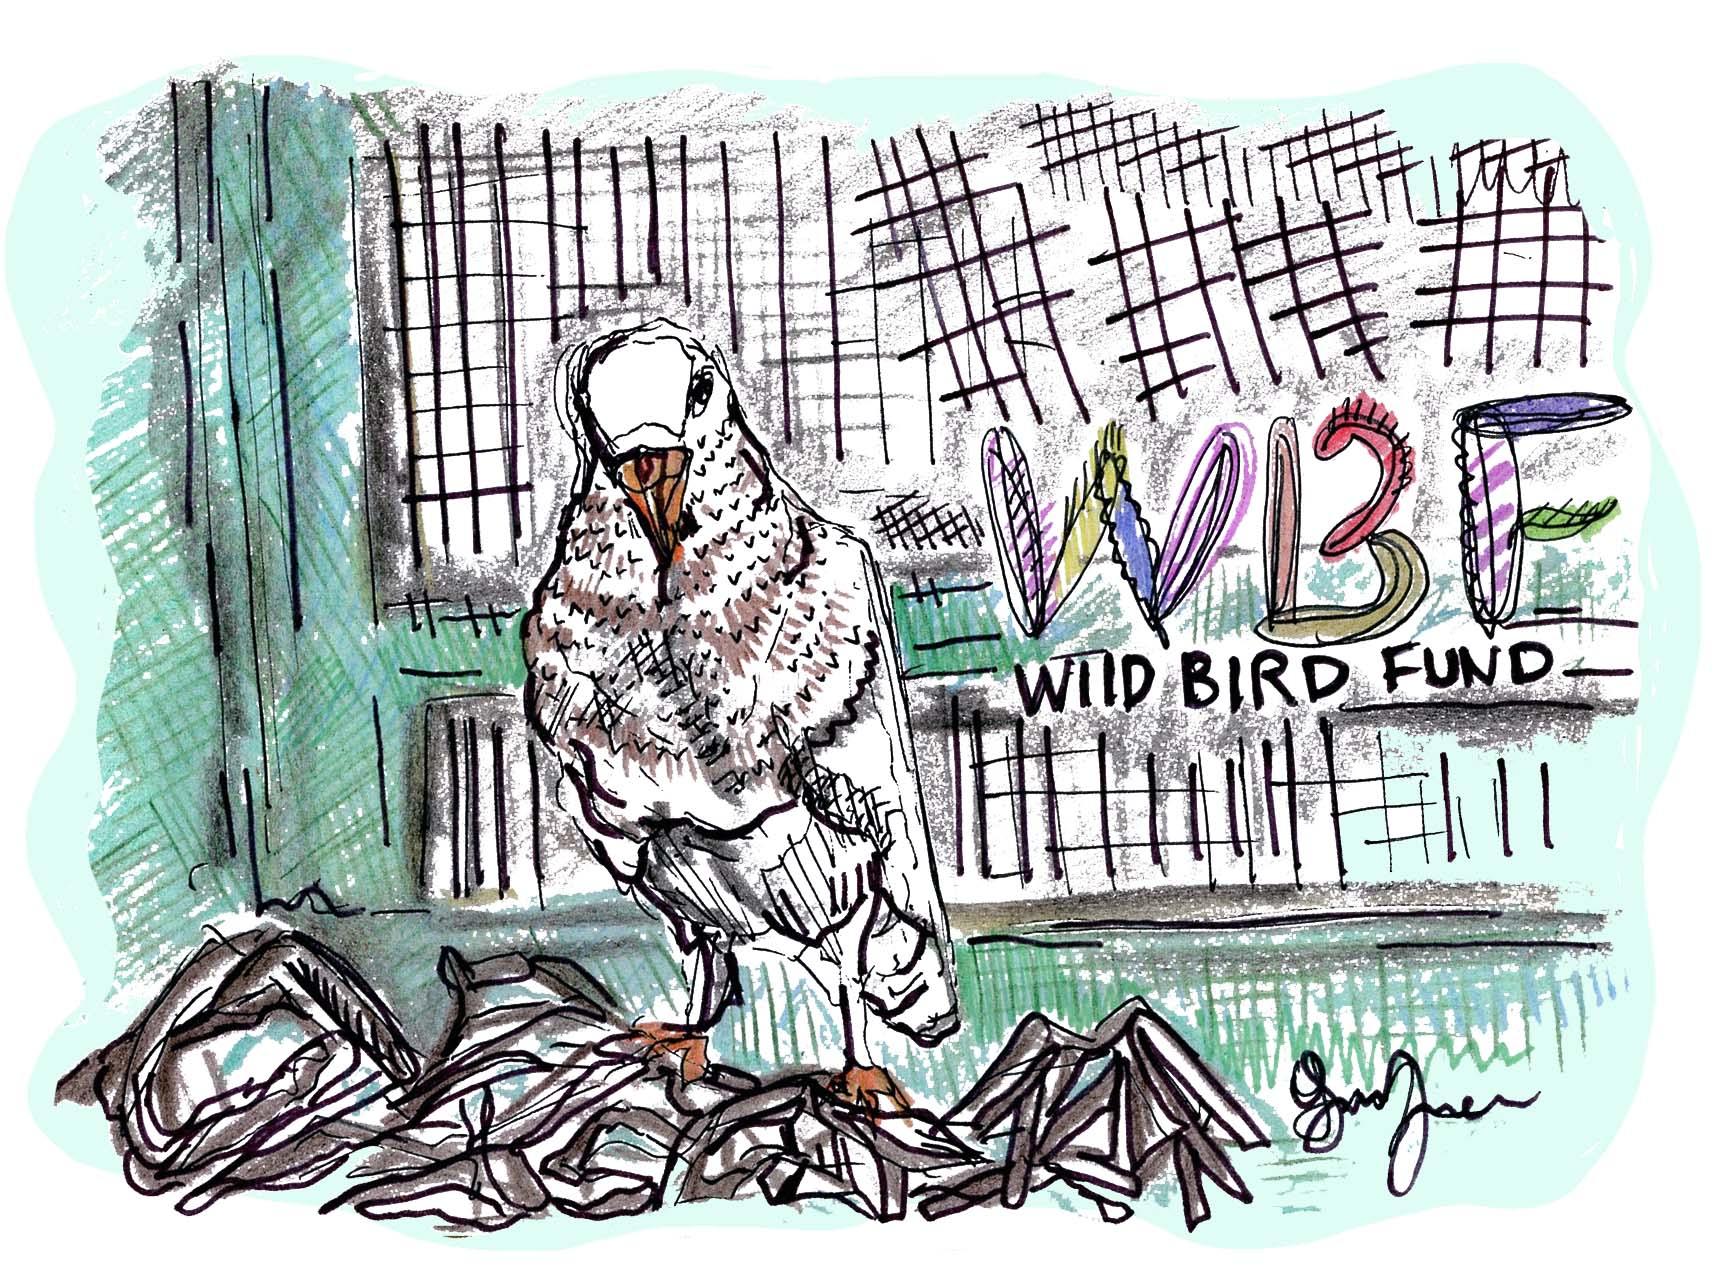 wildbirdfund_version2.jpg